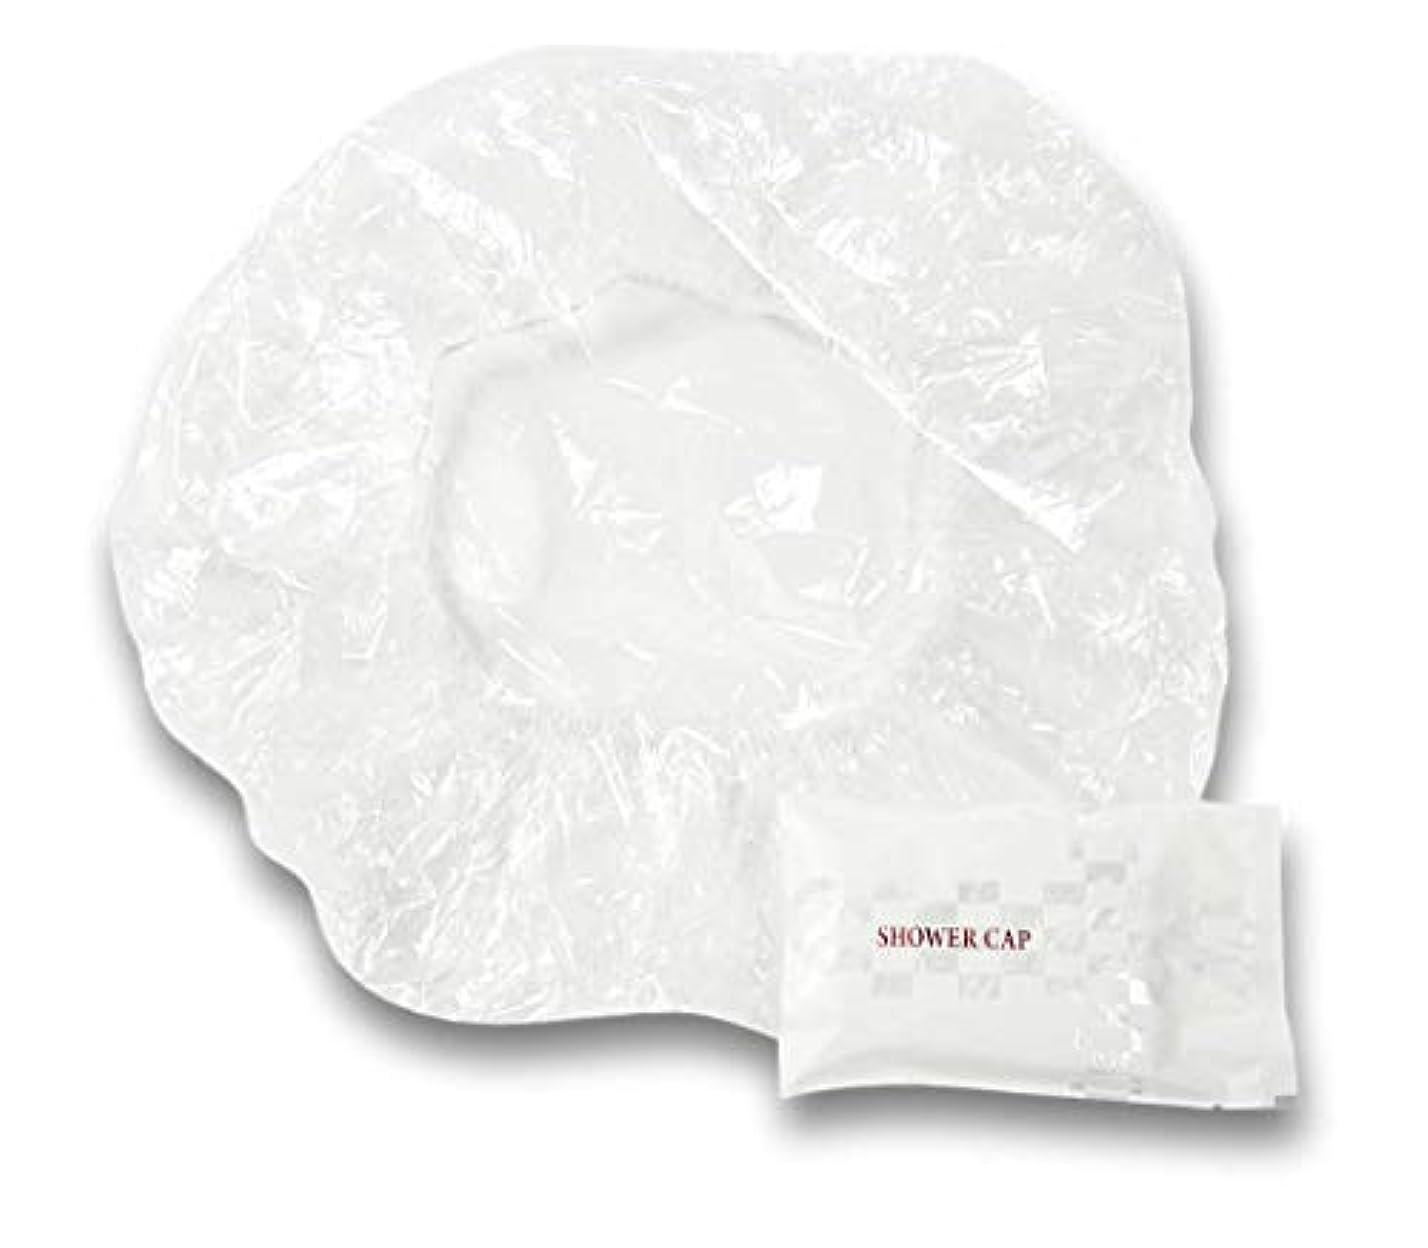 誰か障害レガシーラティス シャワーキャップ 業務用 個別包装100入り 使い捨てキャップ